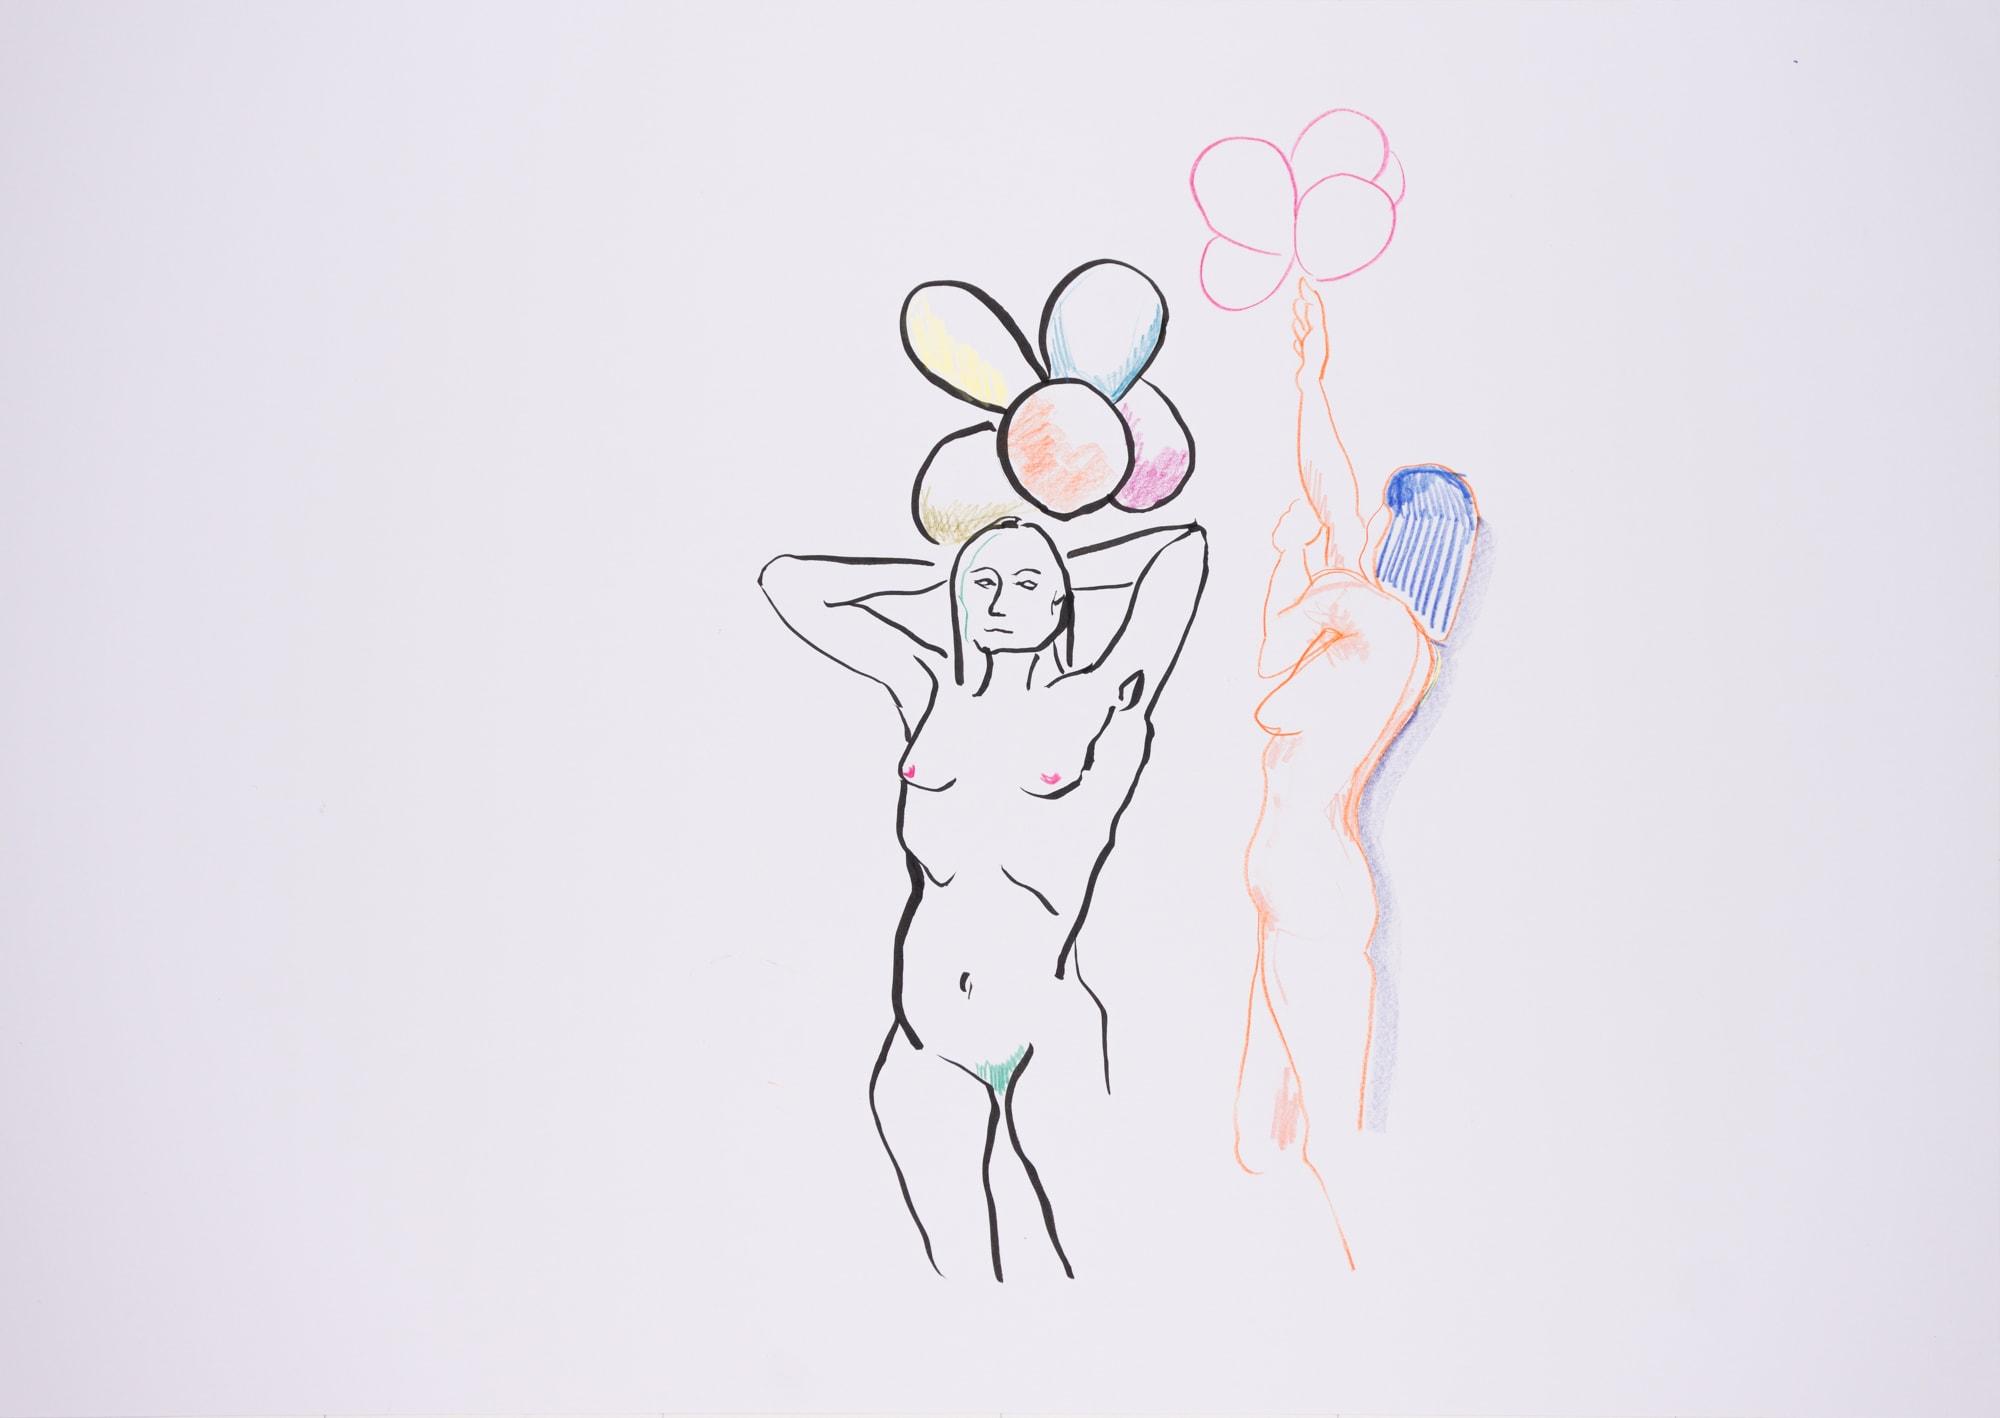 Zeichnung, Farbstift und Tusche auf Papier, 59,4x42cm, Frauenakt mit Luftballon, Künstlerin: Franziska King